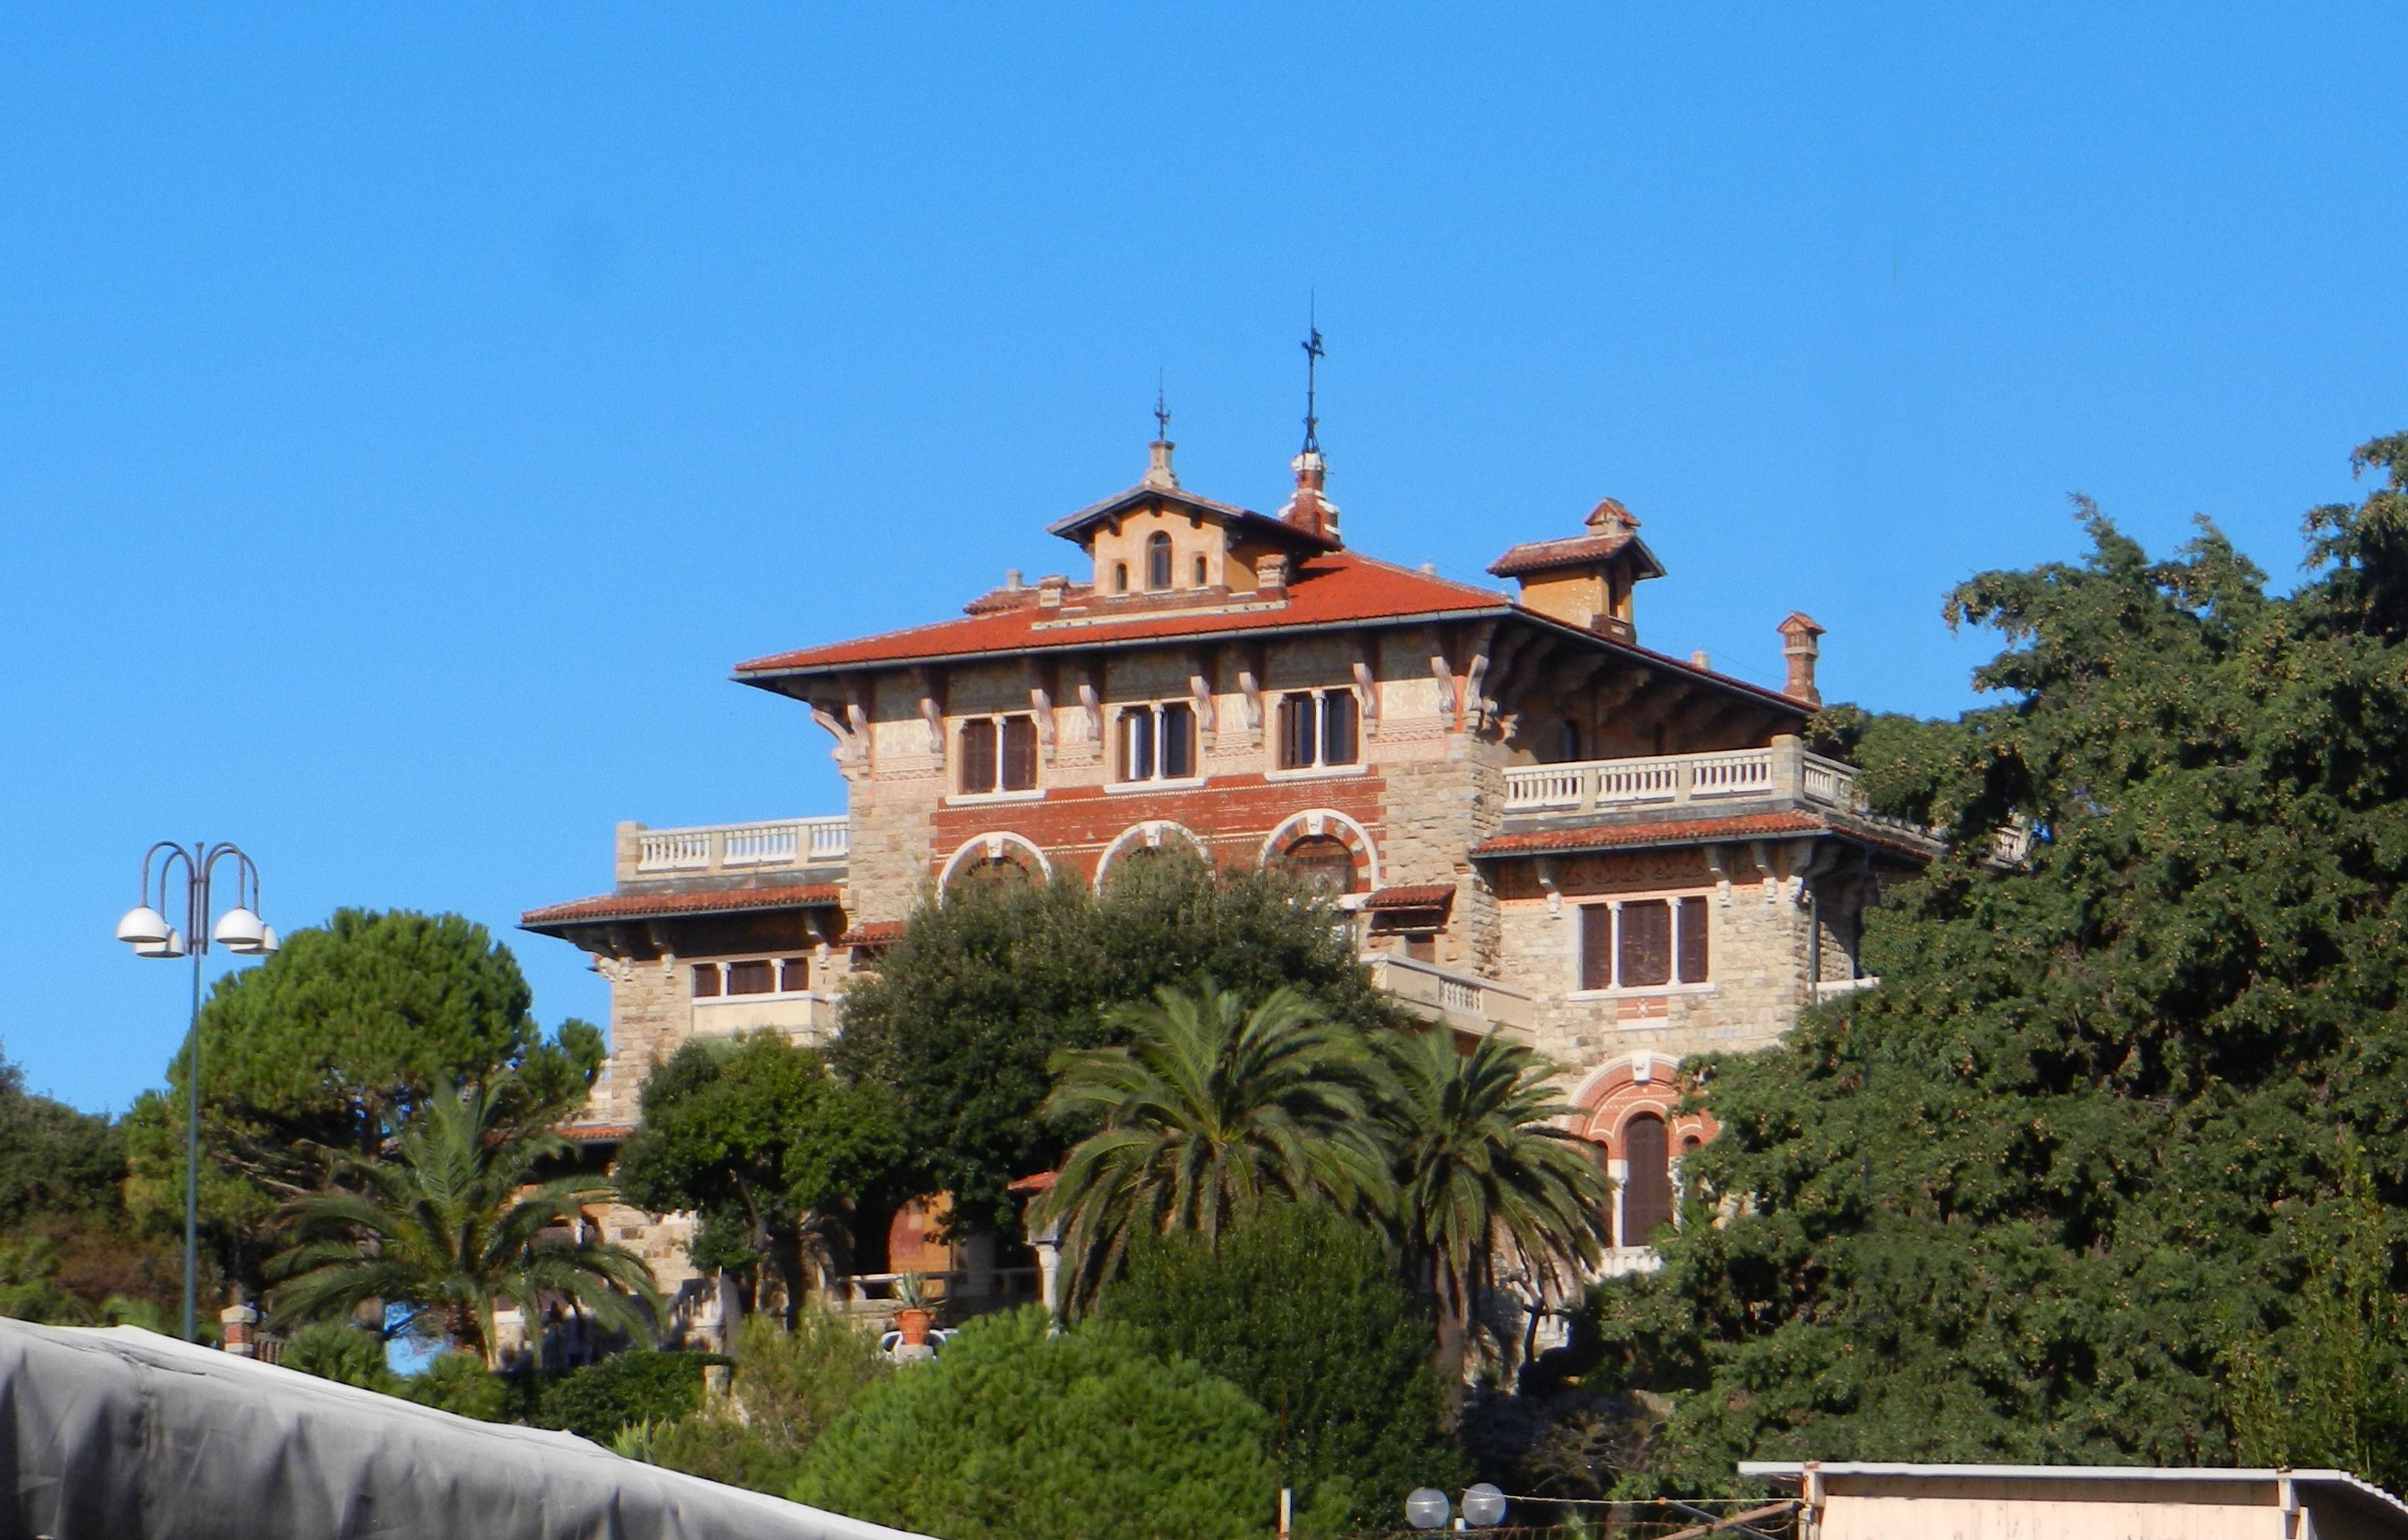 Via Di Villa Pamphili